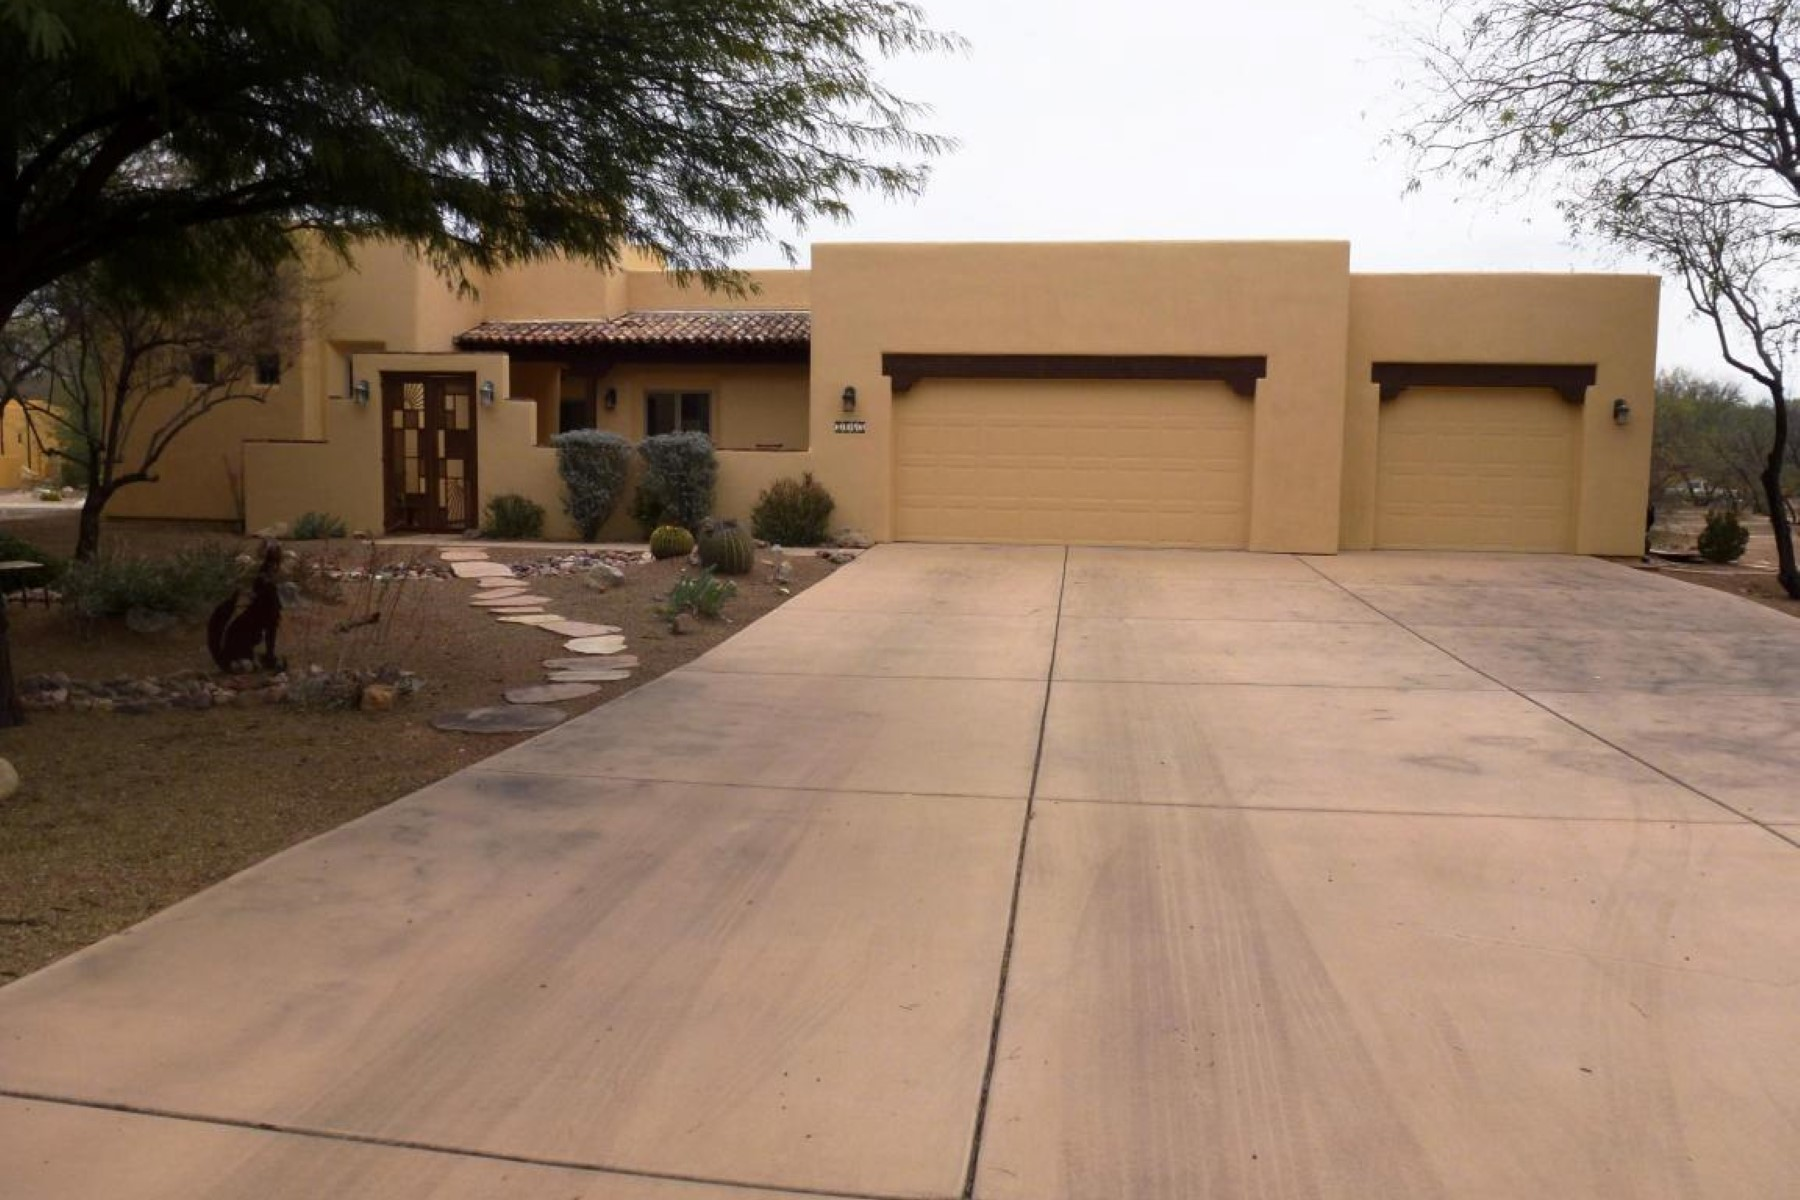 独户住宅 为 销售 在 Beautiful Dorn Hacienda 2163 Corte Bautista 图巴克, 亚利桑那州, 85646 美国